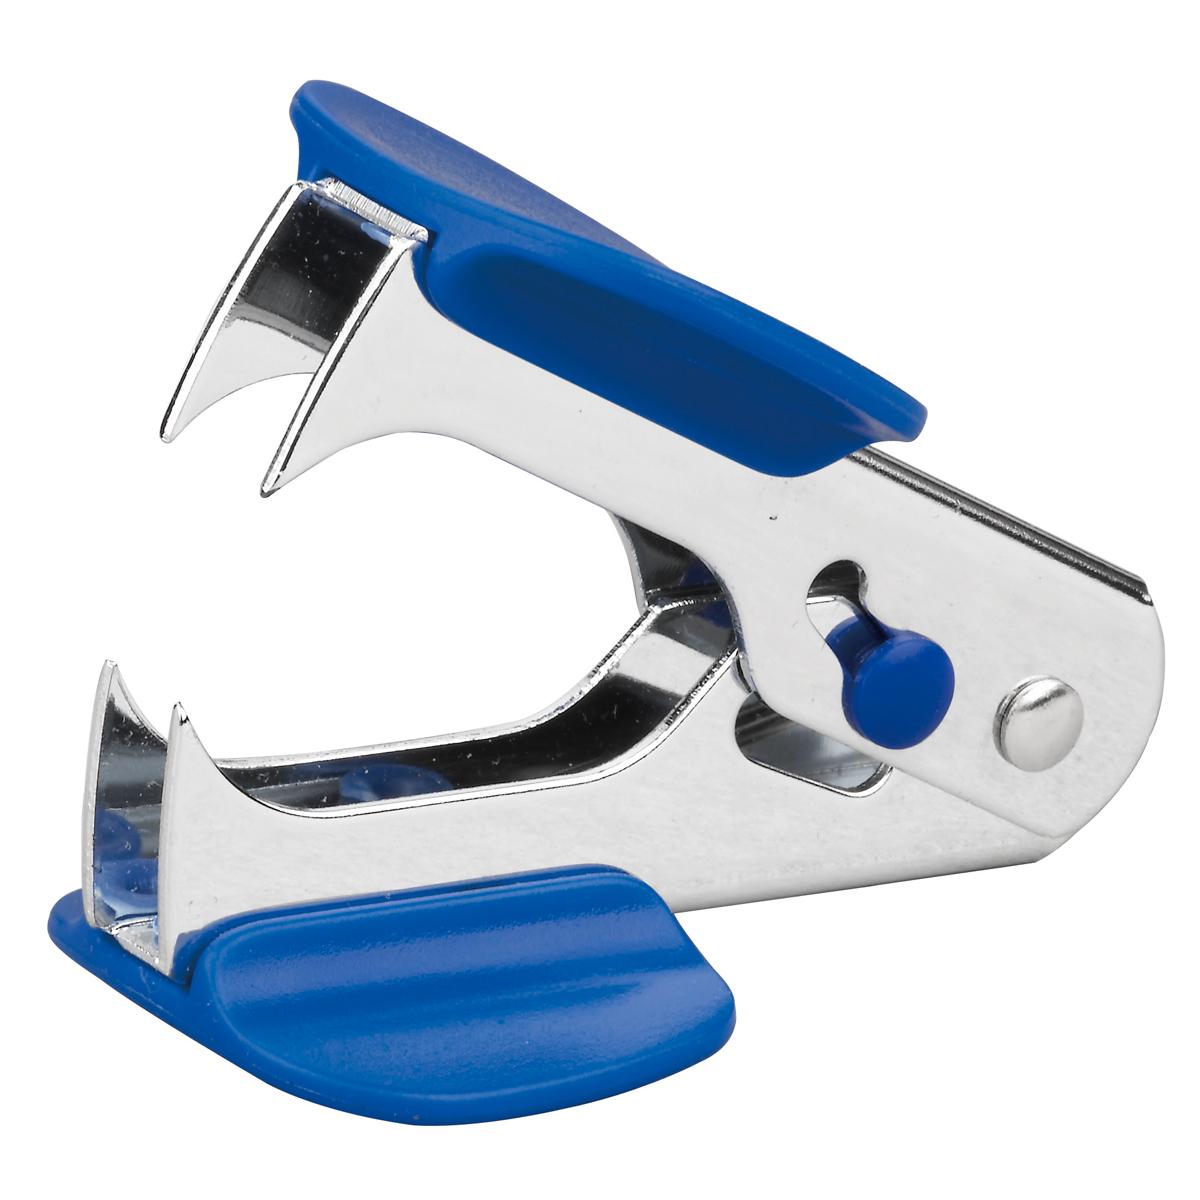 得力(deli)0231办公文具用品 起钉器拔钉器取钉器订书针迷你订书机配套 起钉器12#(颜色随机)